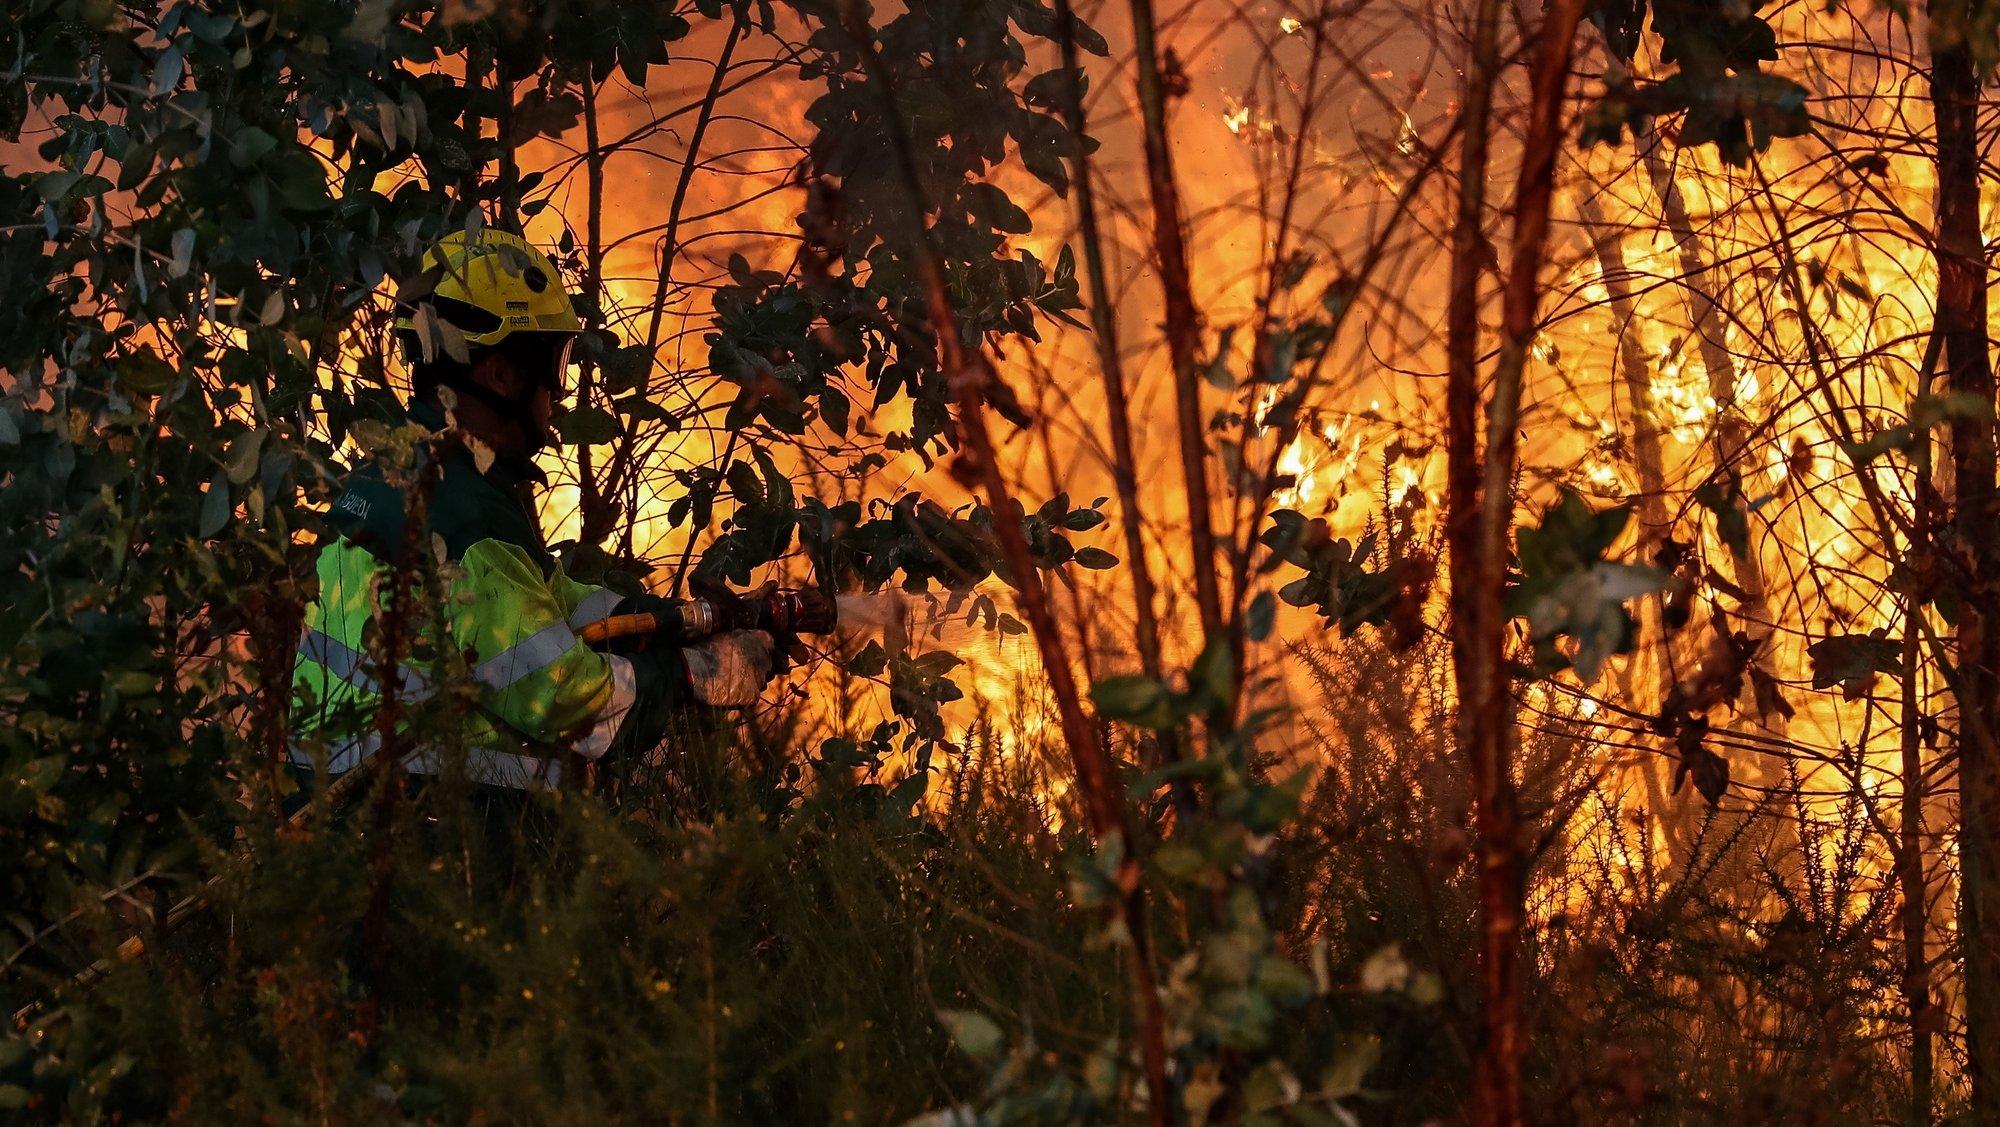 Um bombeiro durante o combate ao incêndio florestal em Veiga, Águeda, 5 de setembro de 2019. No início da tarde combatiam as chamas em Águeda 52 operacionais com 15 viaturas, bem como cinco meios aéreos. PAULO NOVAIS/LUSA